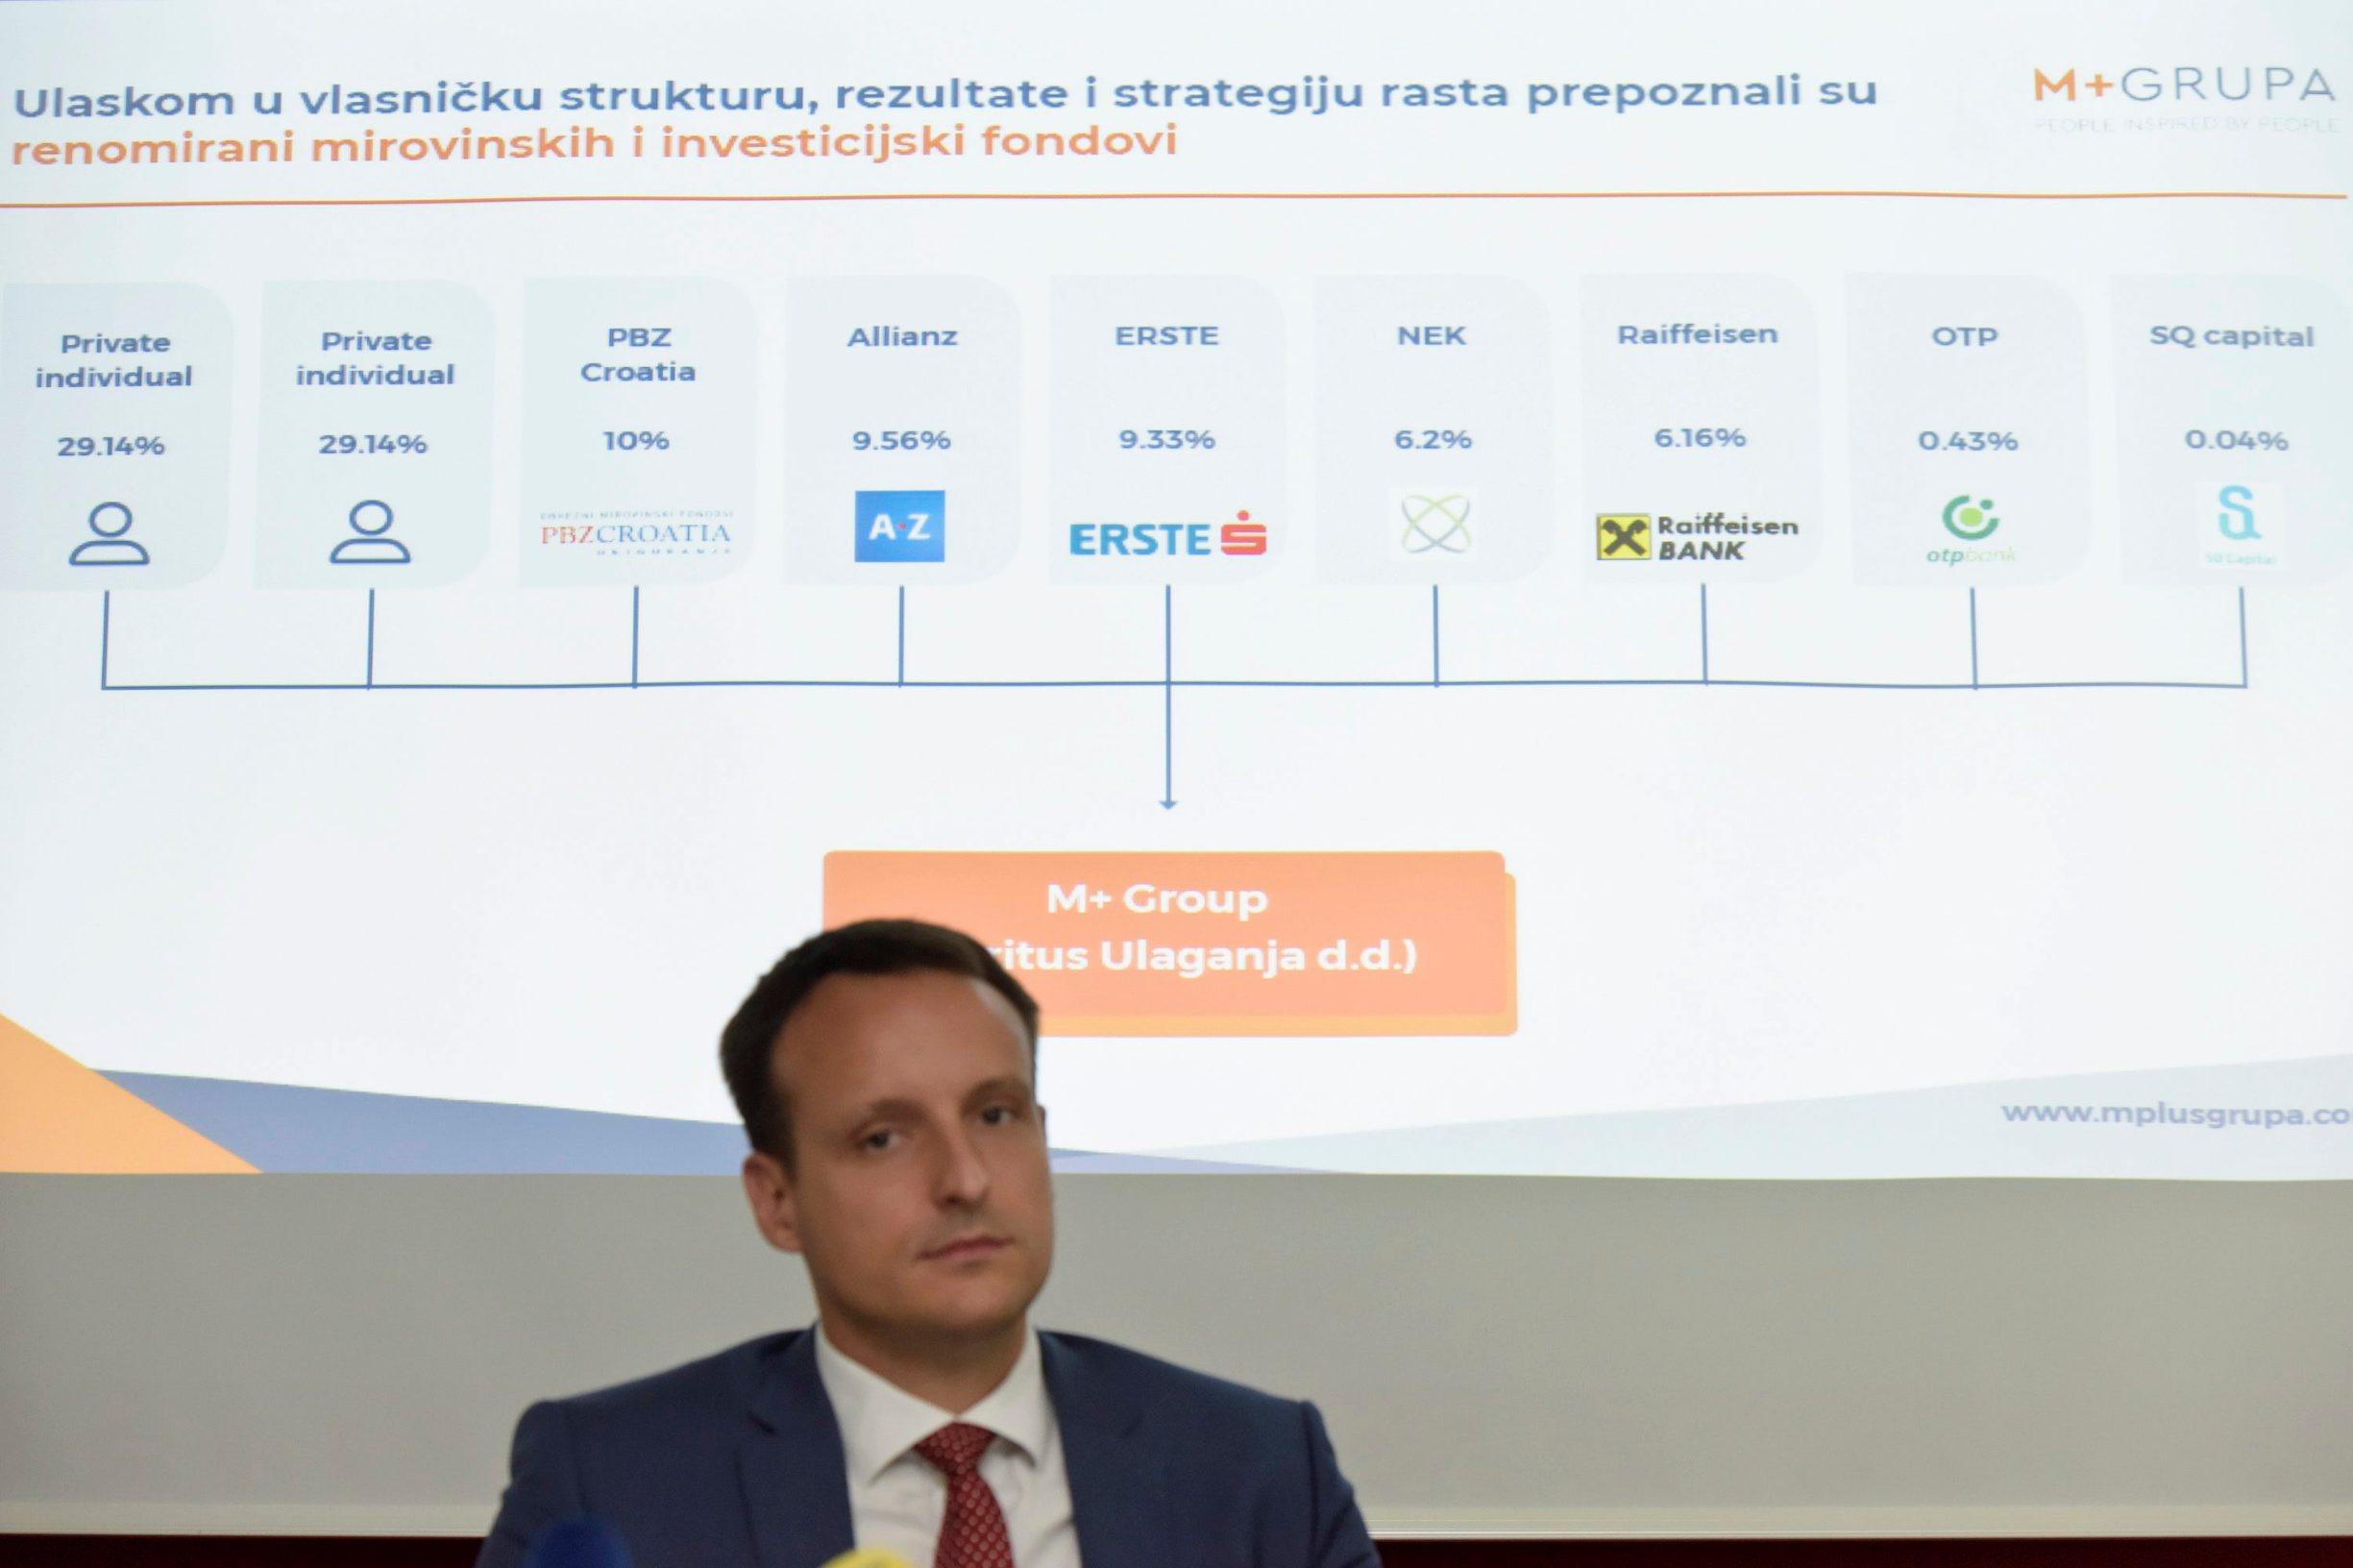 Ivan Posavec, predsjednik Uprave Meritus ulaganja